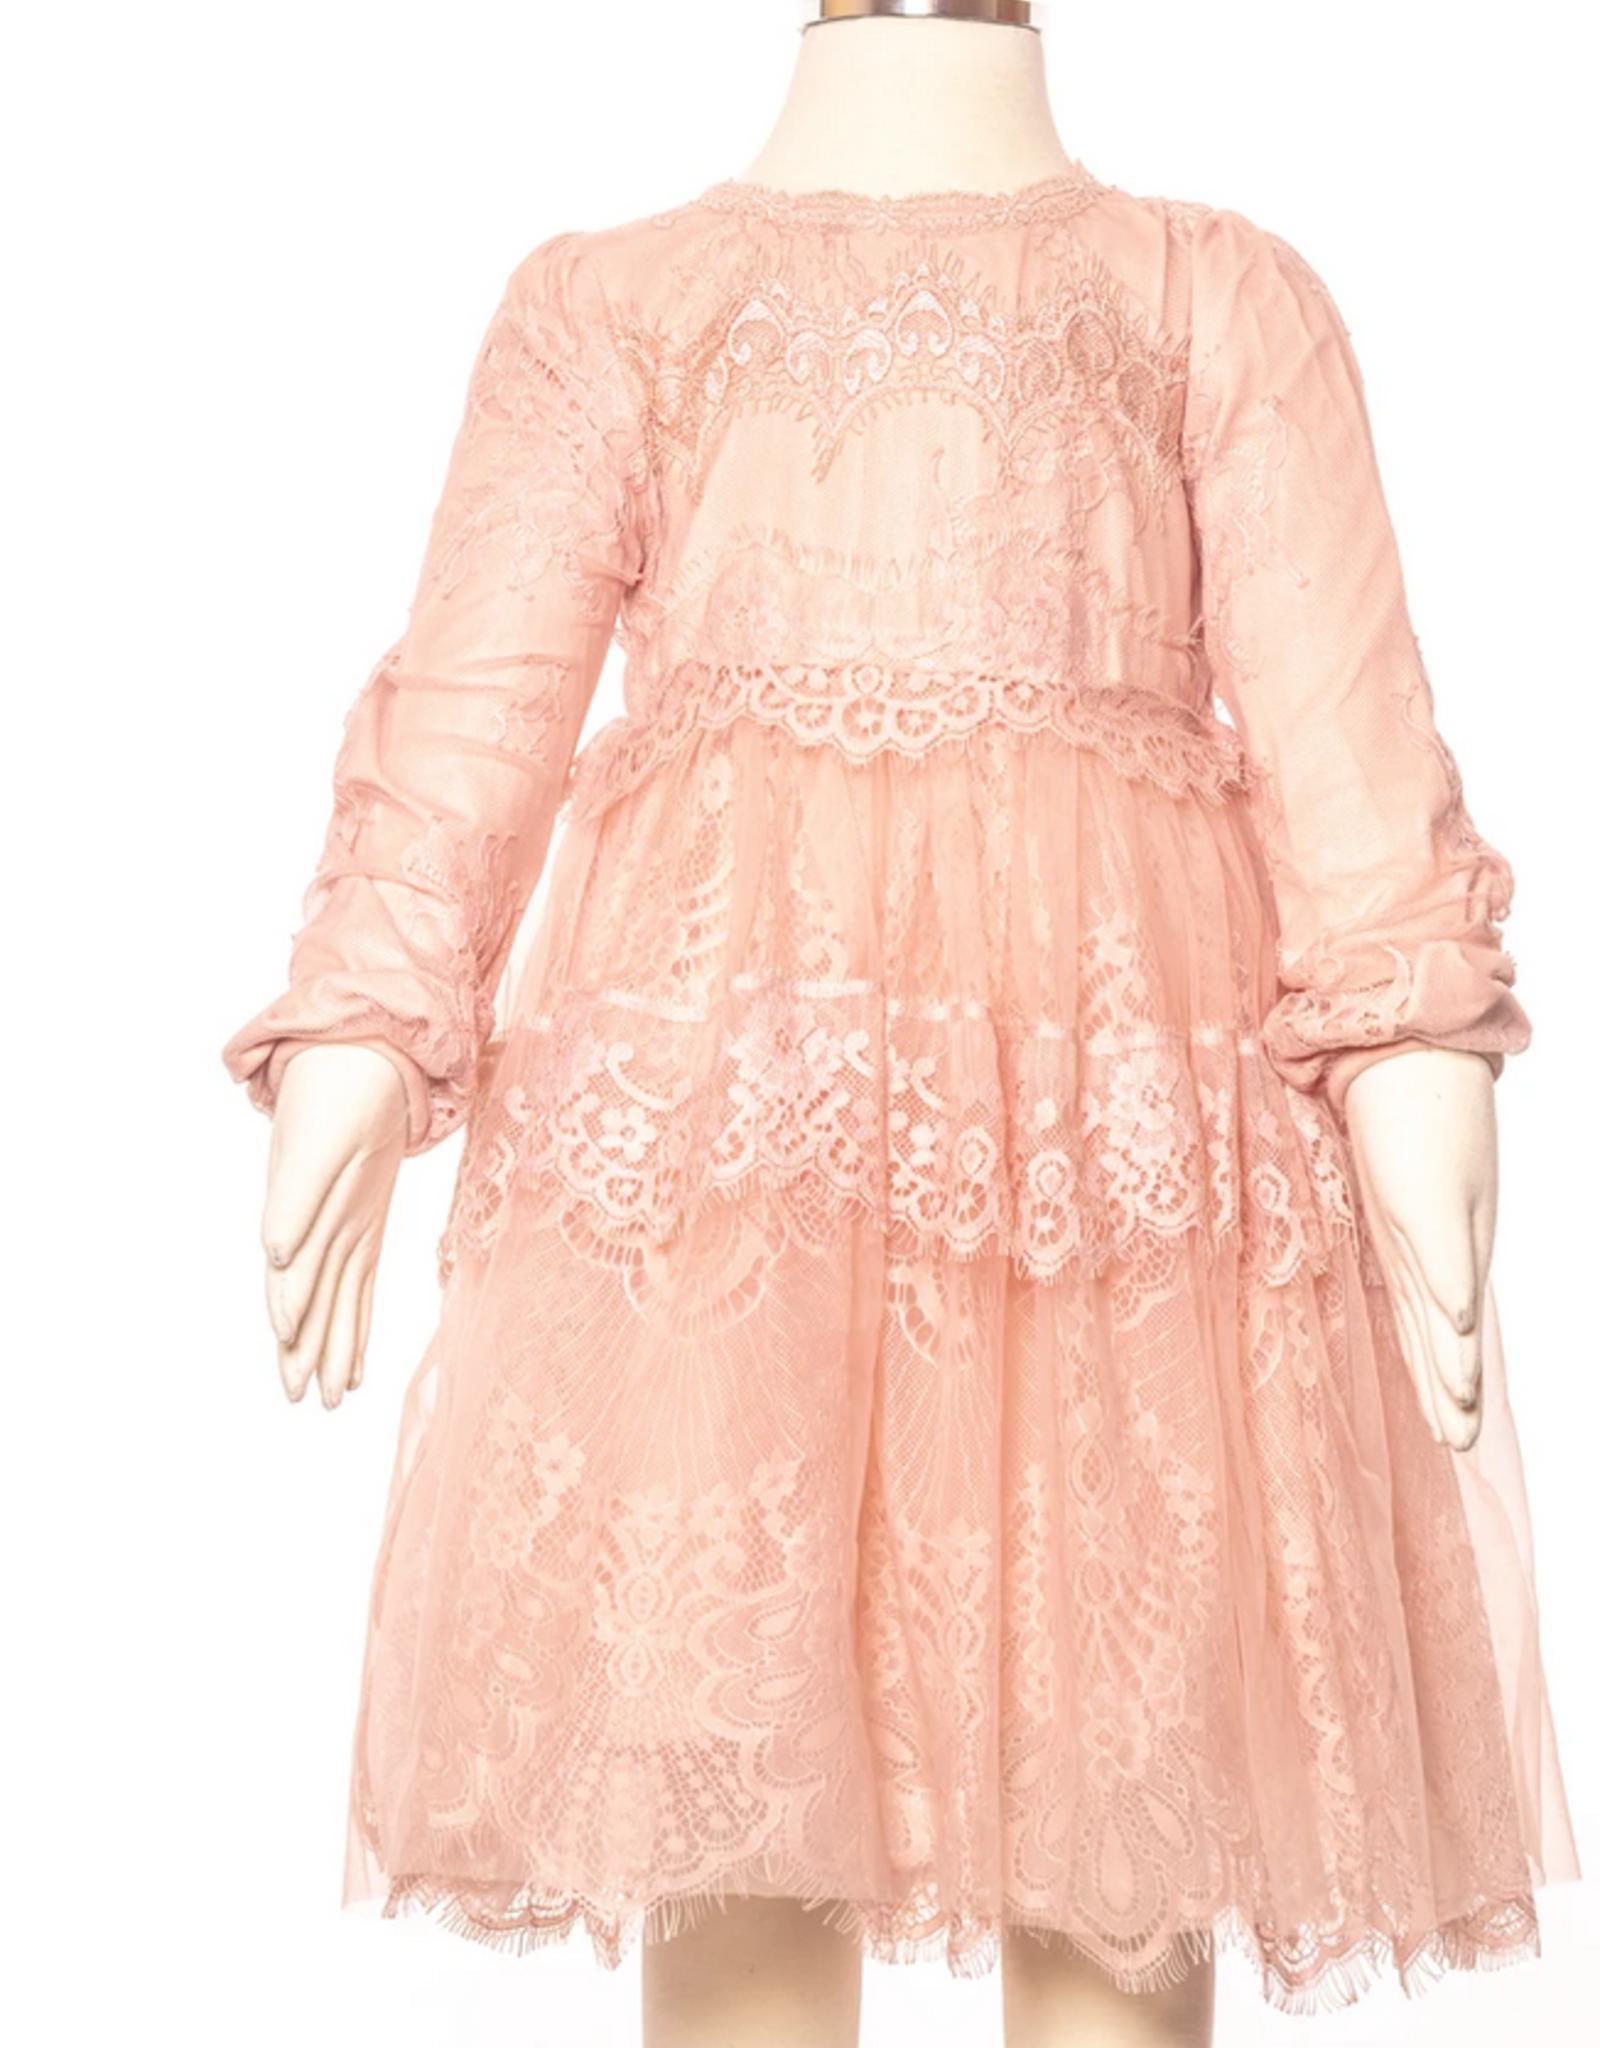 Blush Princess Lace Dress